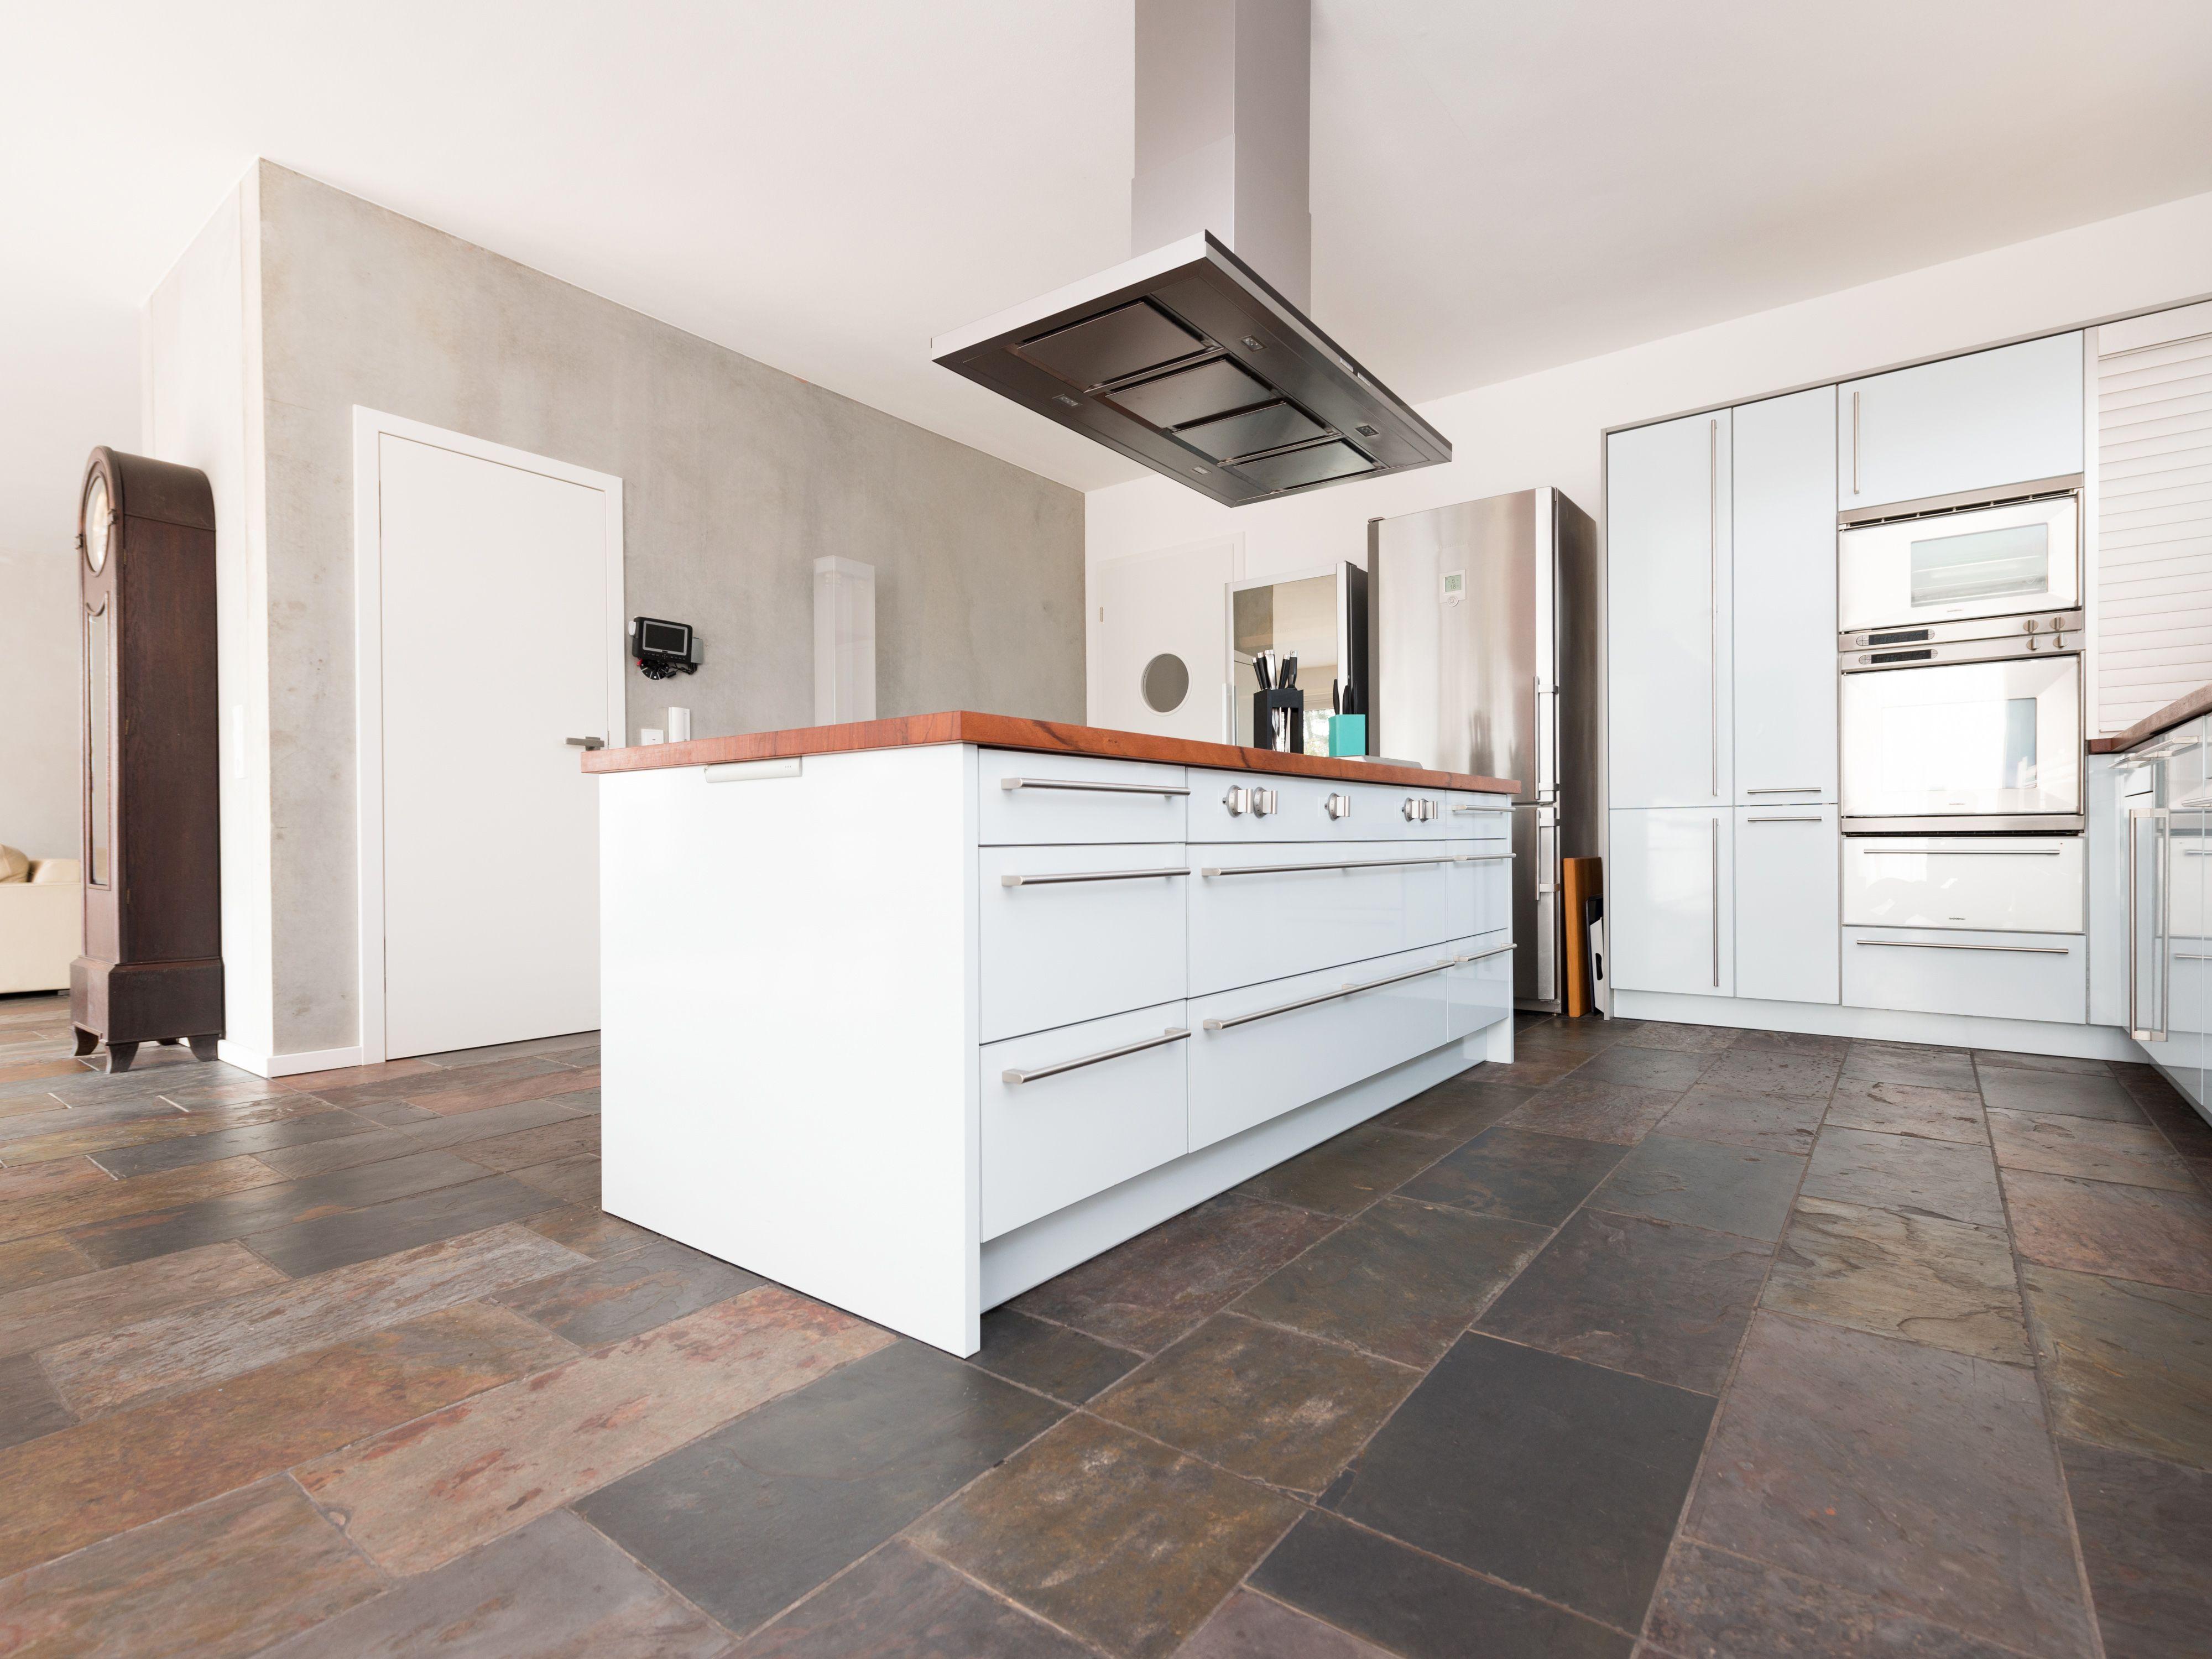 küchenstudio online neu abbild oder aacdeffebbacef jpg